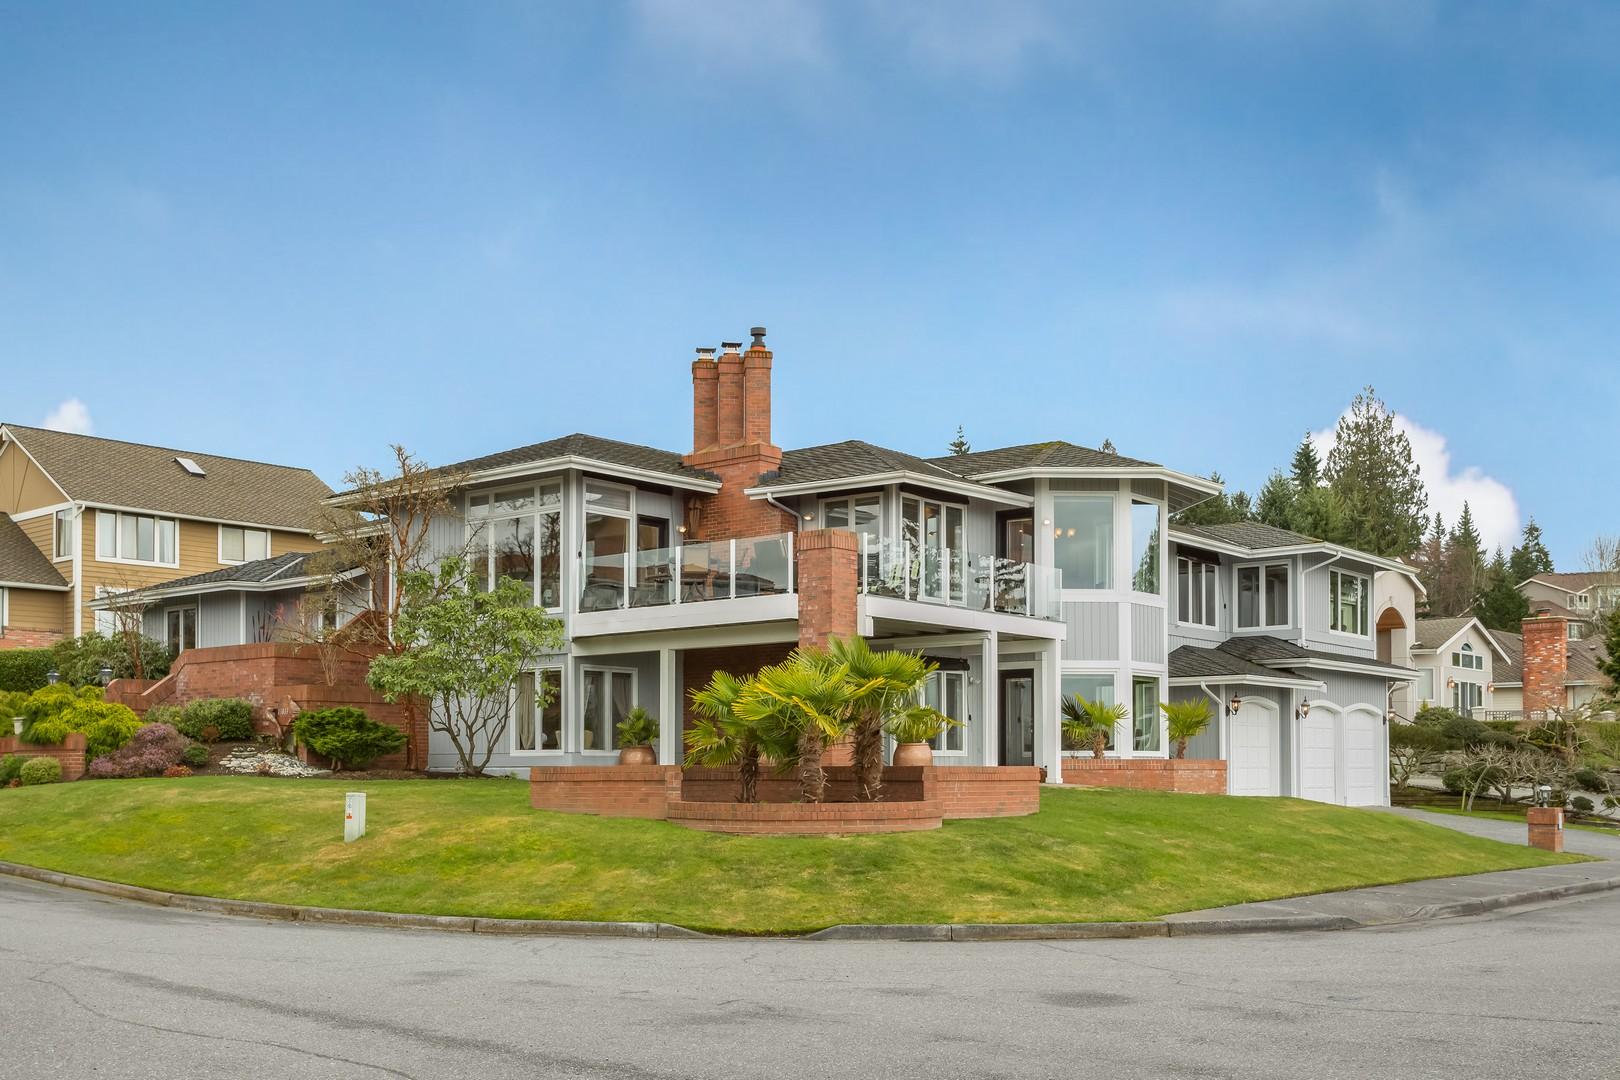 Частный односемейный дом для того Продажа на 13813 68th Ave W Edmonds, Вашингтон 98026 Соединенные Штаты